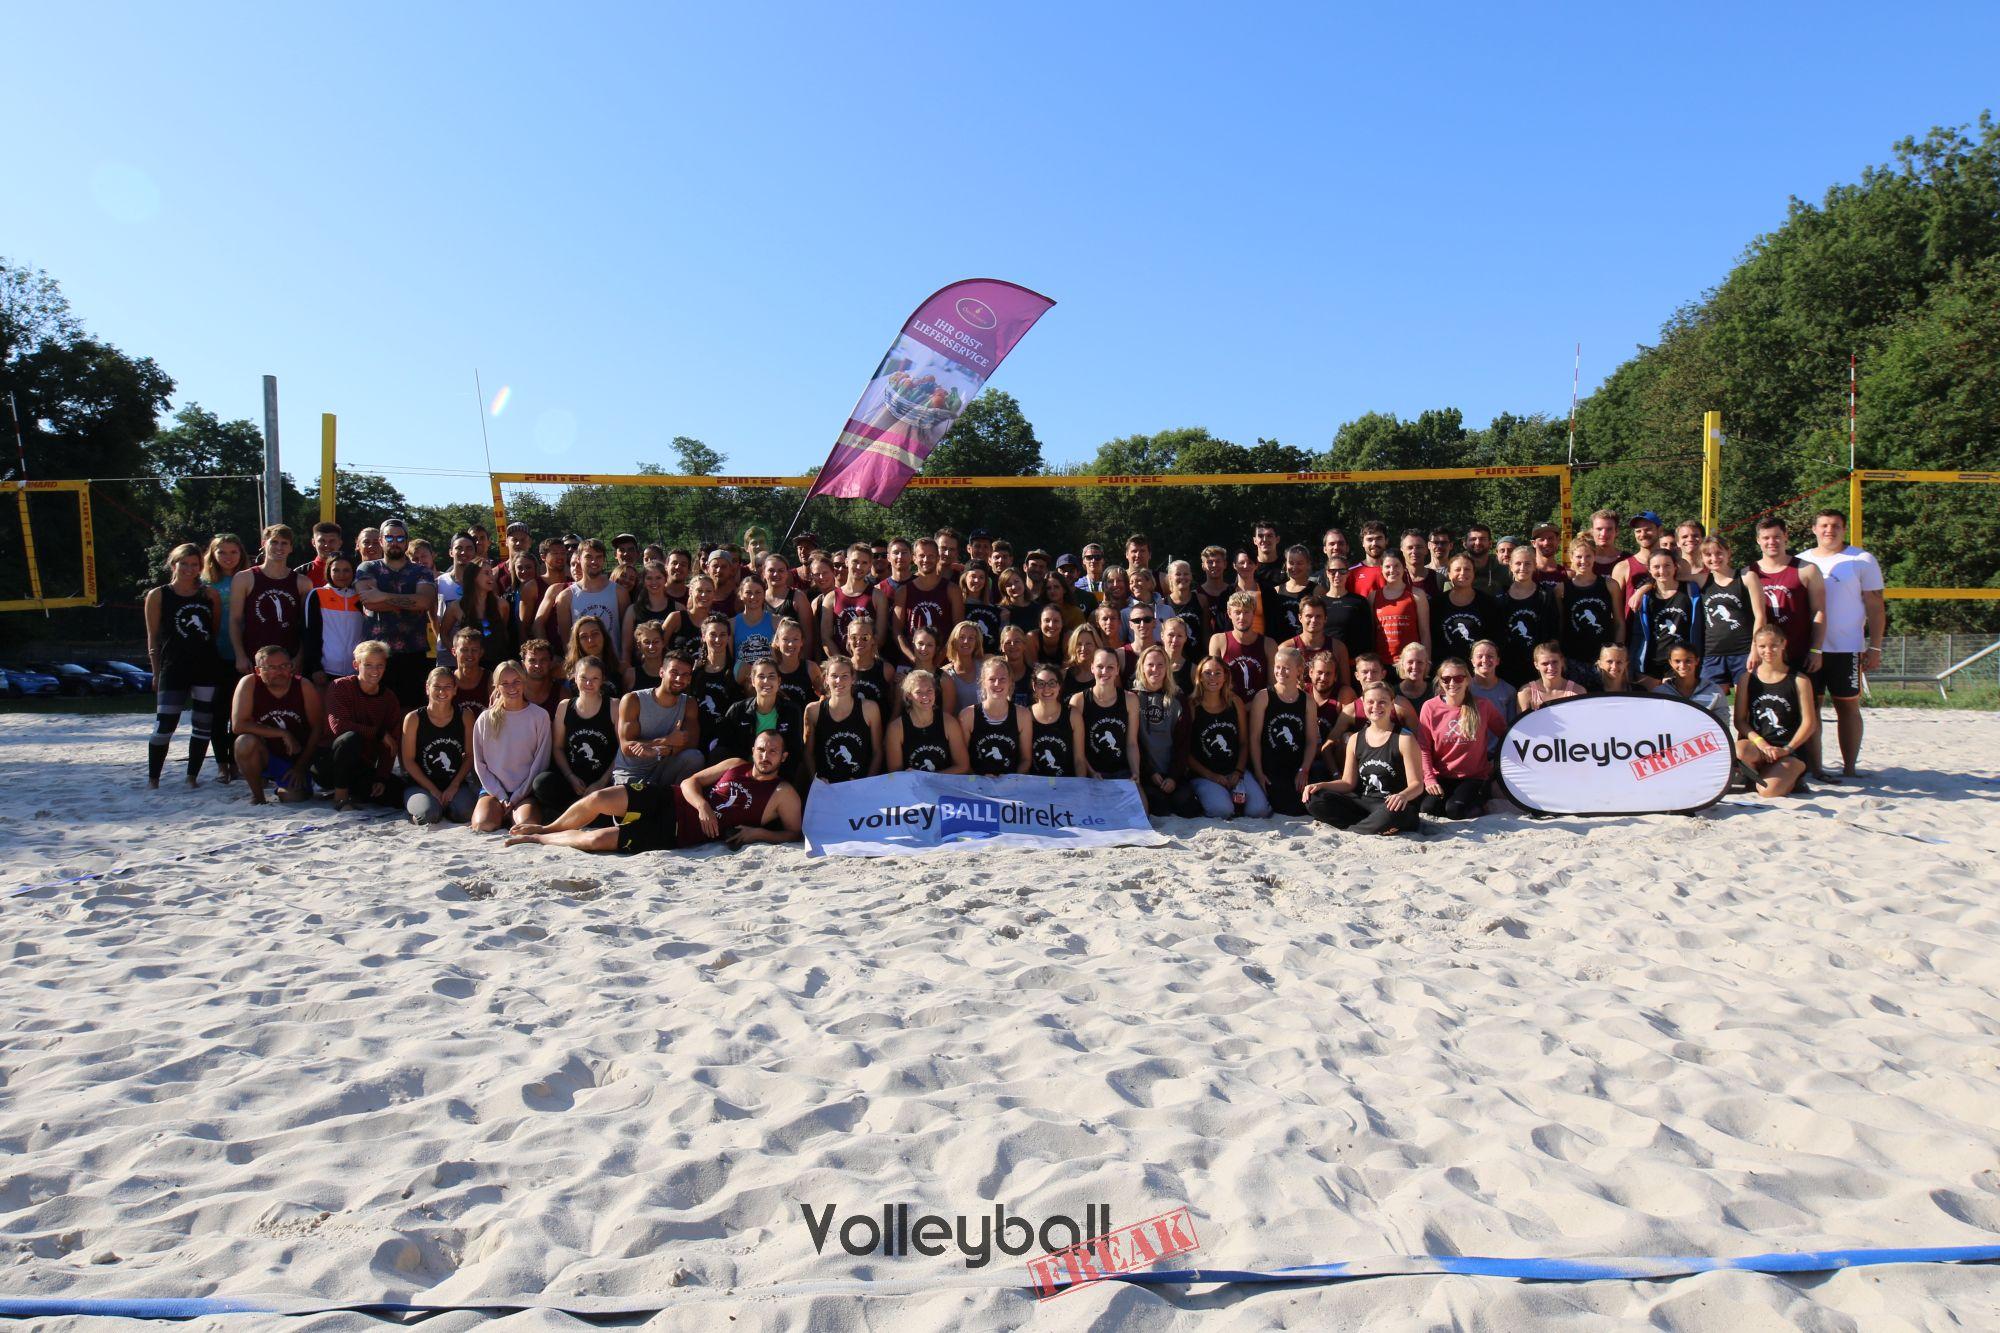 Impressionen vom Beachen mit dem Volleyballfreak 2019